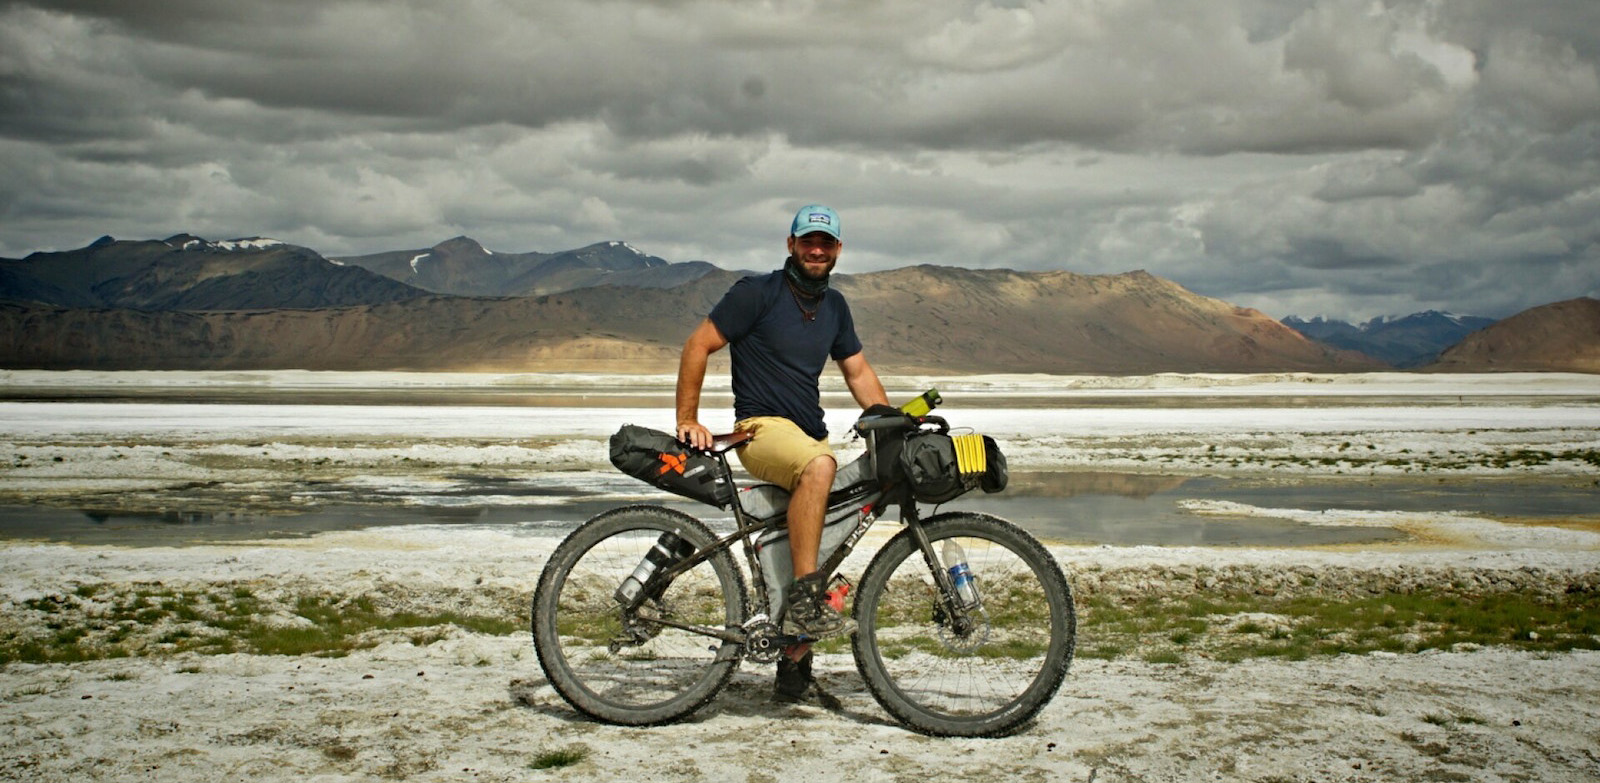 Jan Žďáňský a jeho bikepacking v Ladaku